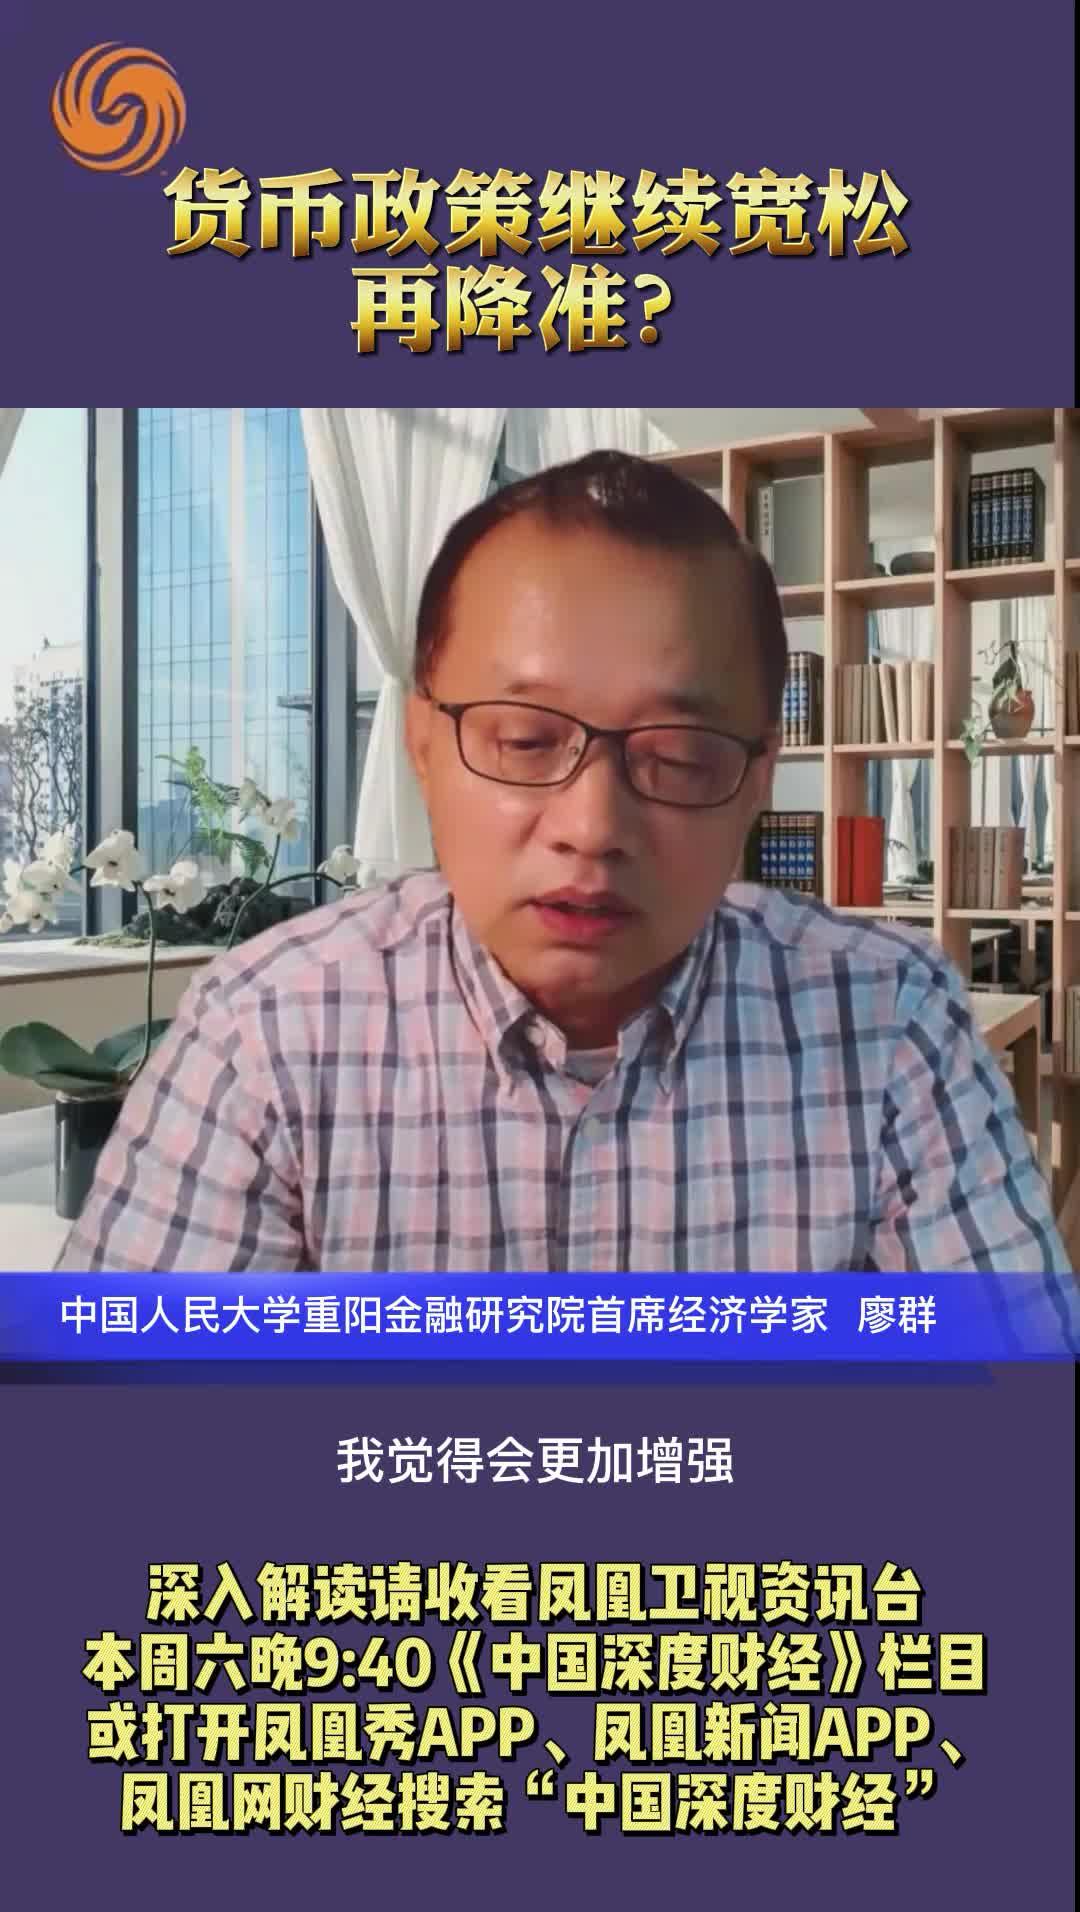 中国人民大学重阳金融研究院首席经济学家廖群:货币政策继续宽松 再降准?